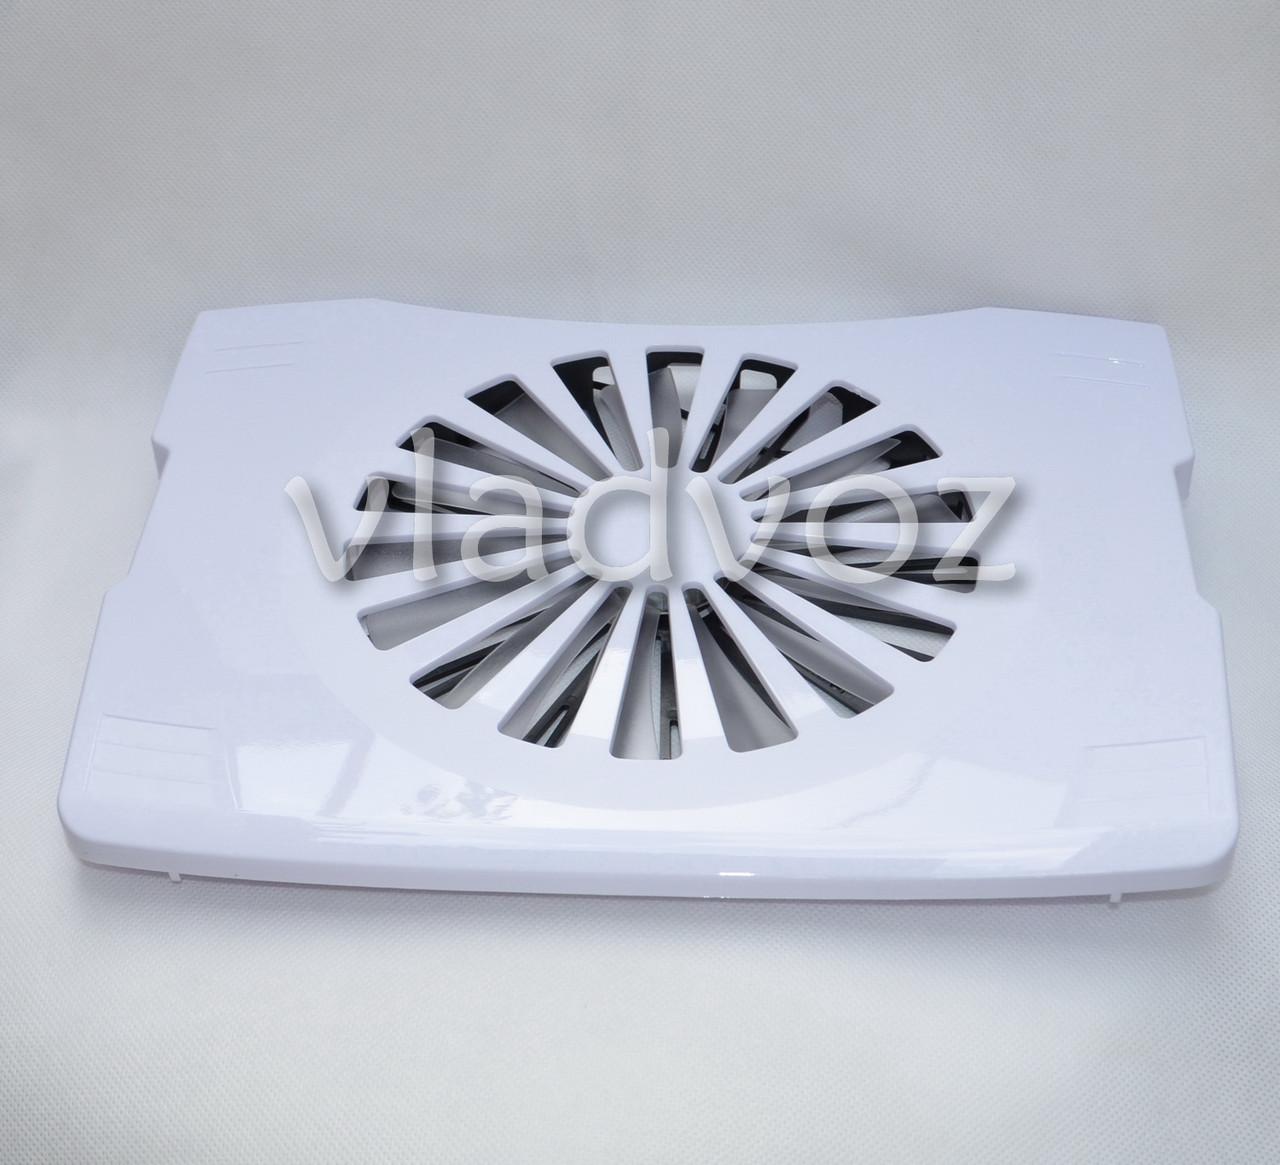 Подставка для ноутбука c охлаждением белая is 630